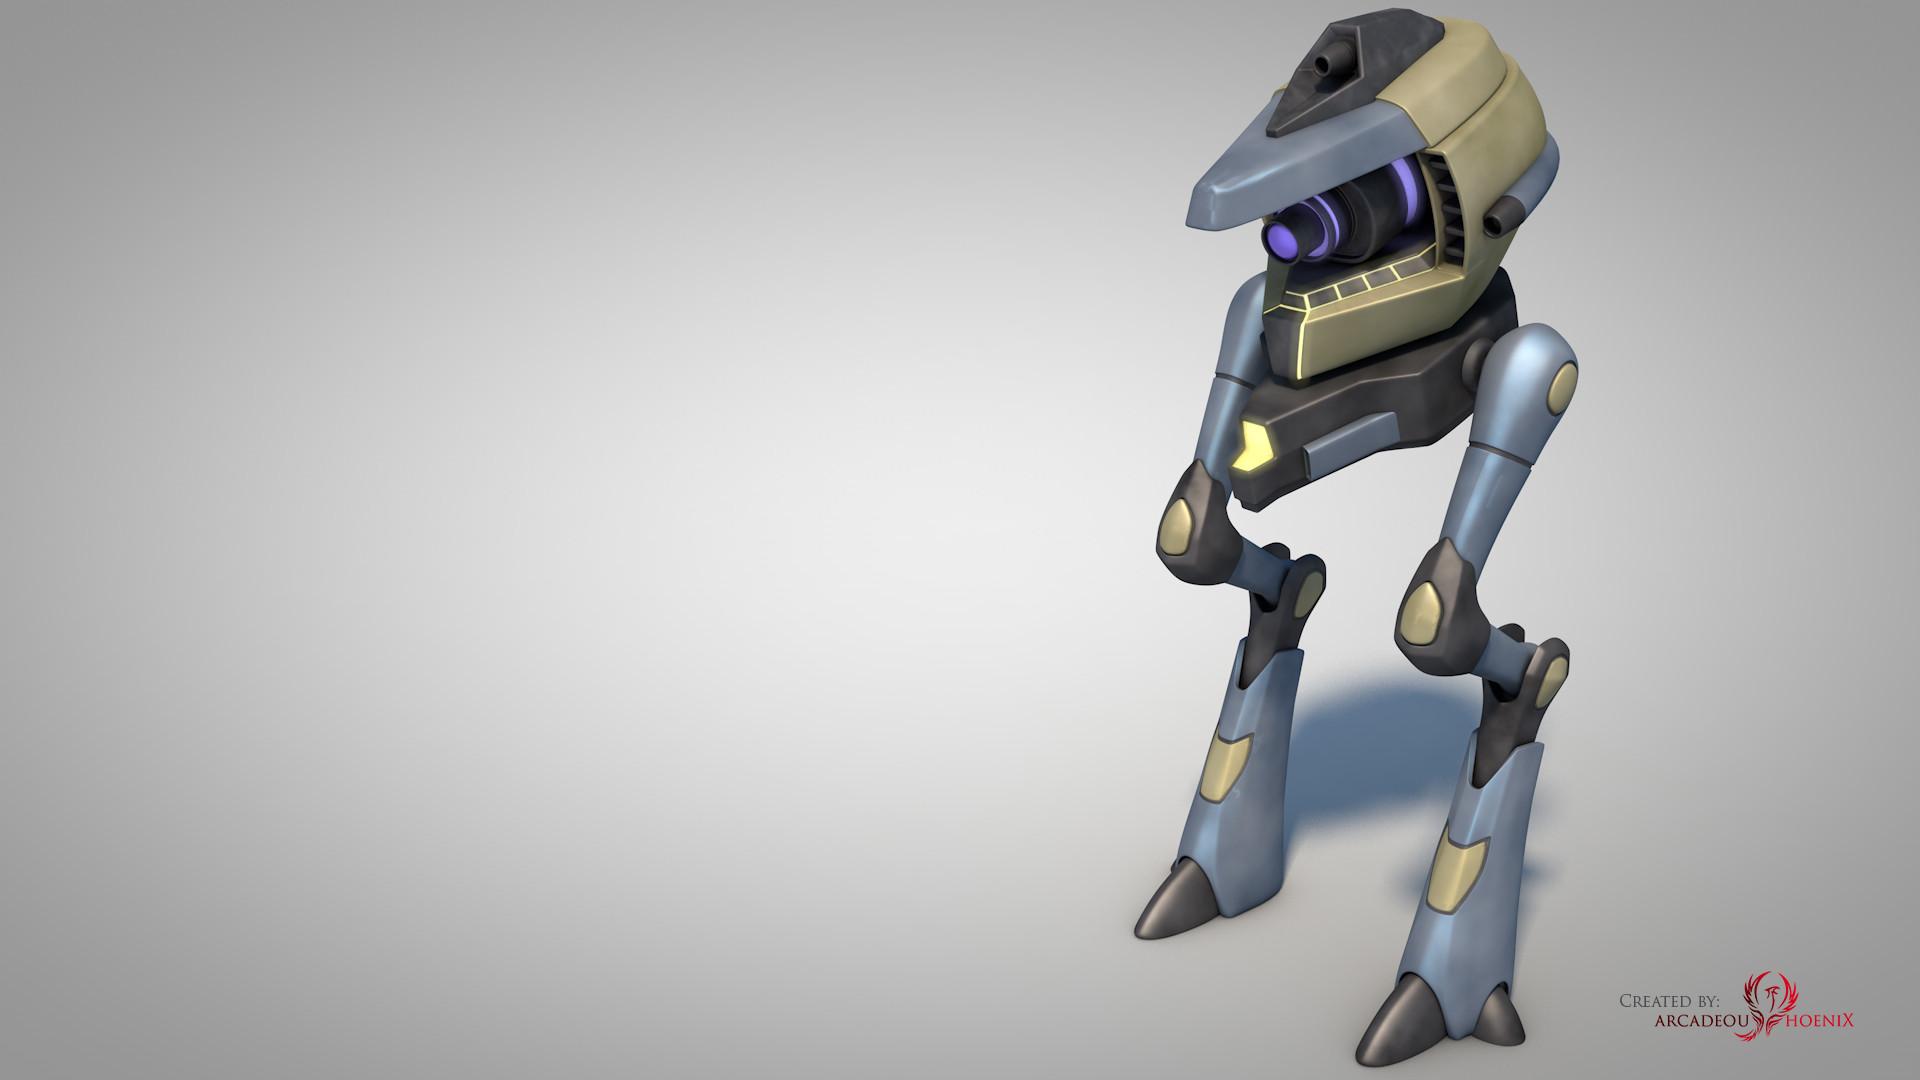 Arcadeous phoenix droid 3c